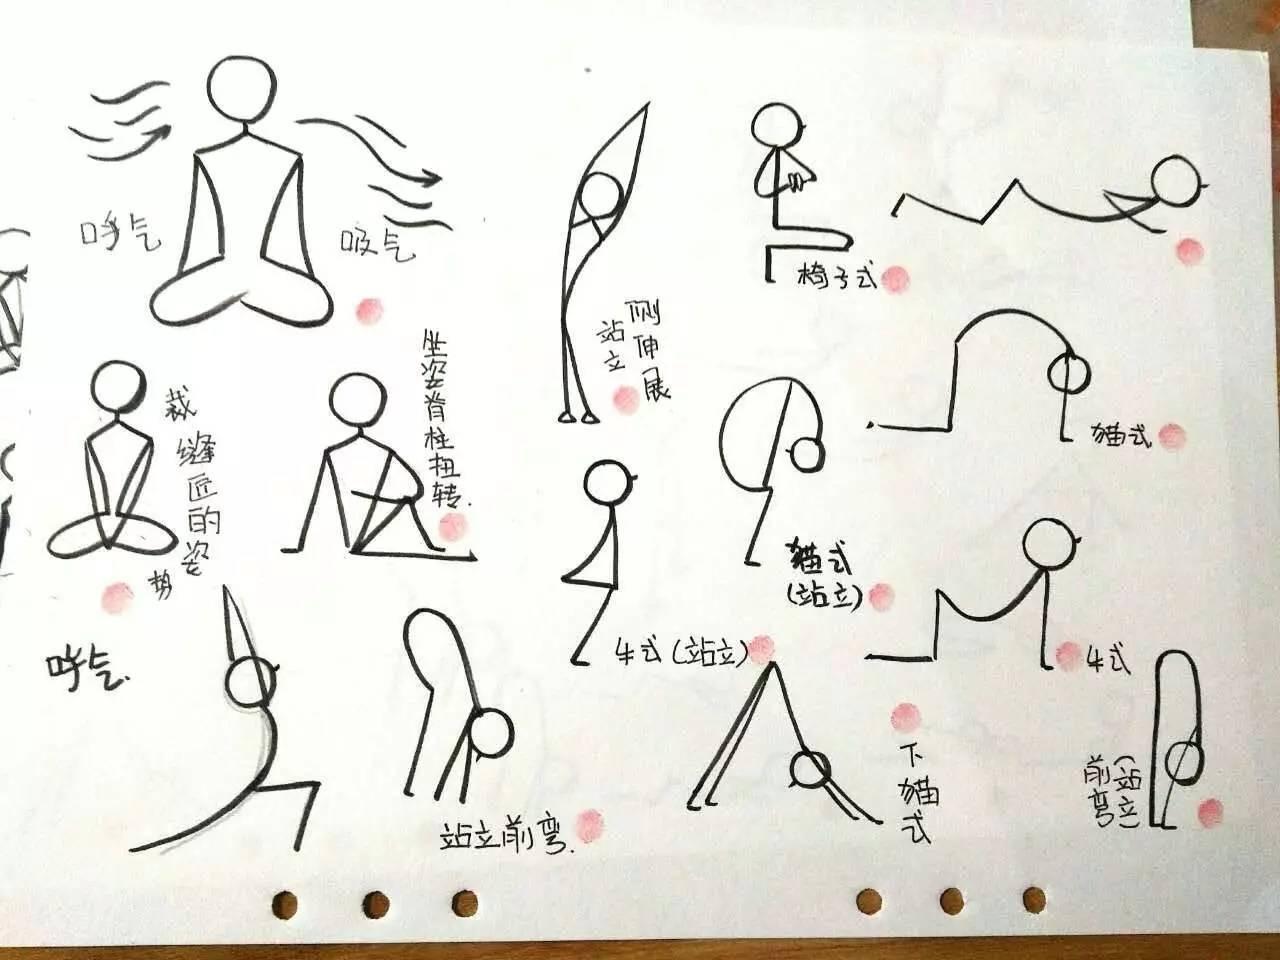 直播丨雷叔叔 零基础学习瑜伽小线人绘画